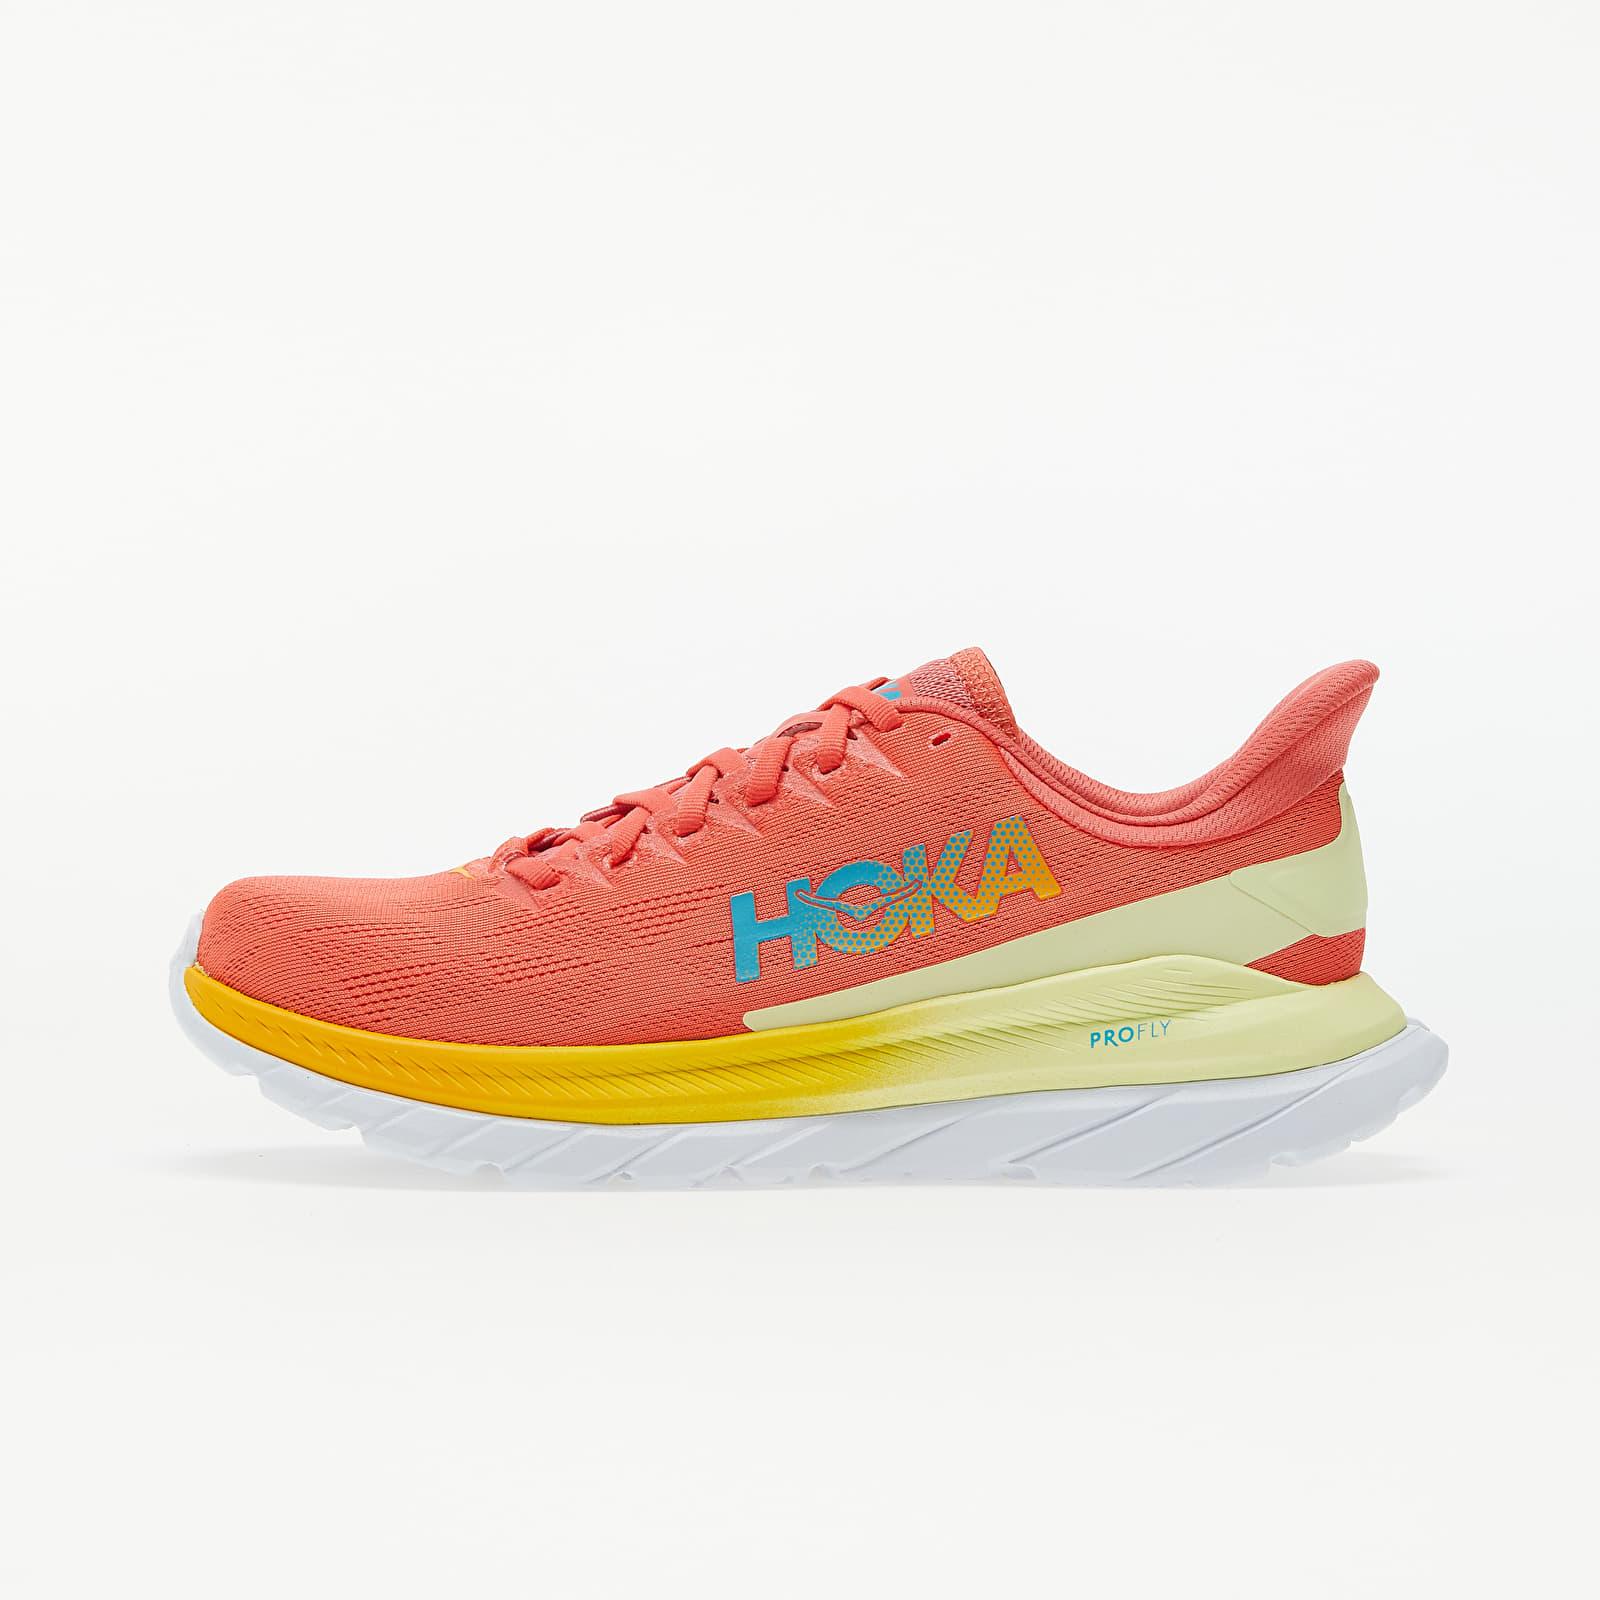 Hoka One One® W Mach 4 Hot Coral/ Saffron 5.5 1113529-HCSF